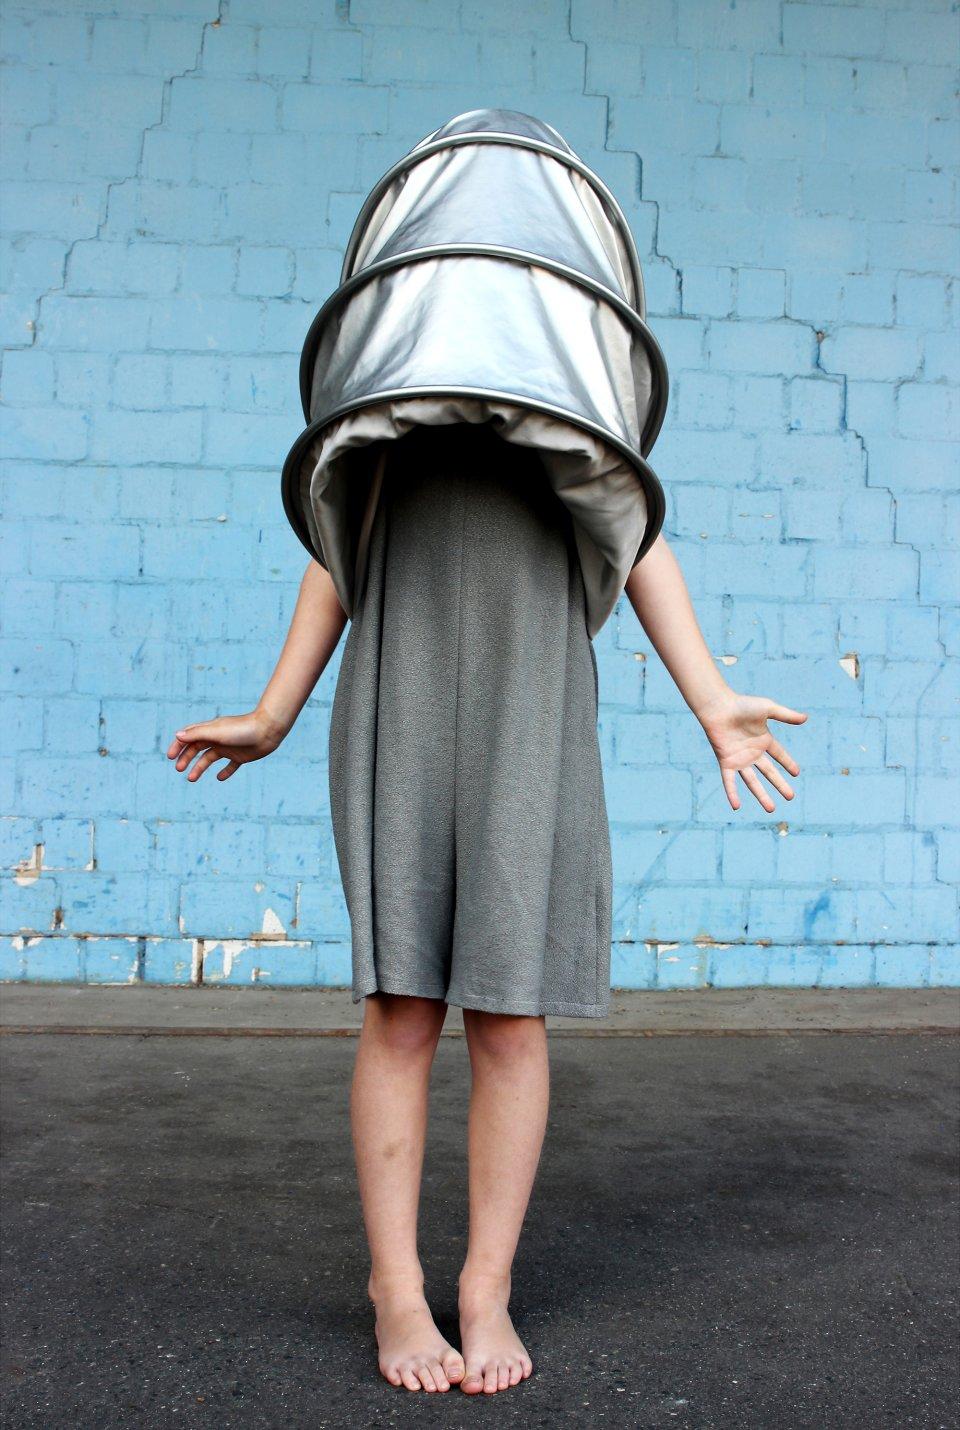 Ein kunstvoll verkleidetes Kind steht vor einer blauen Wand.